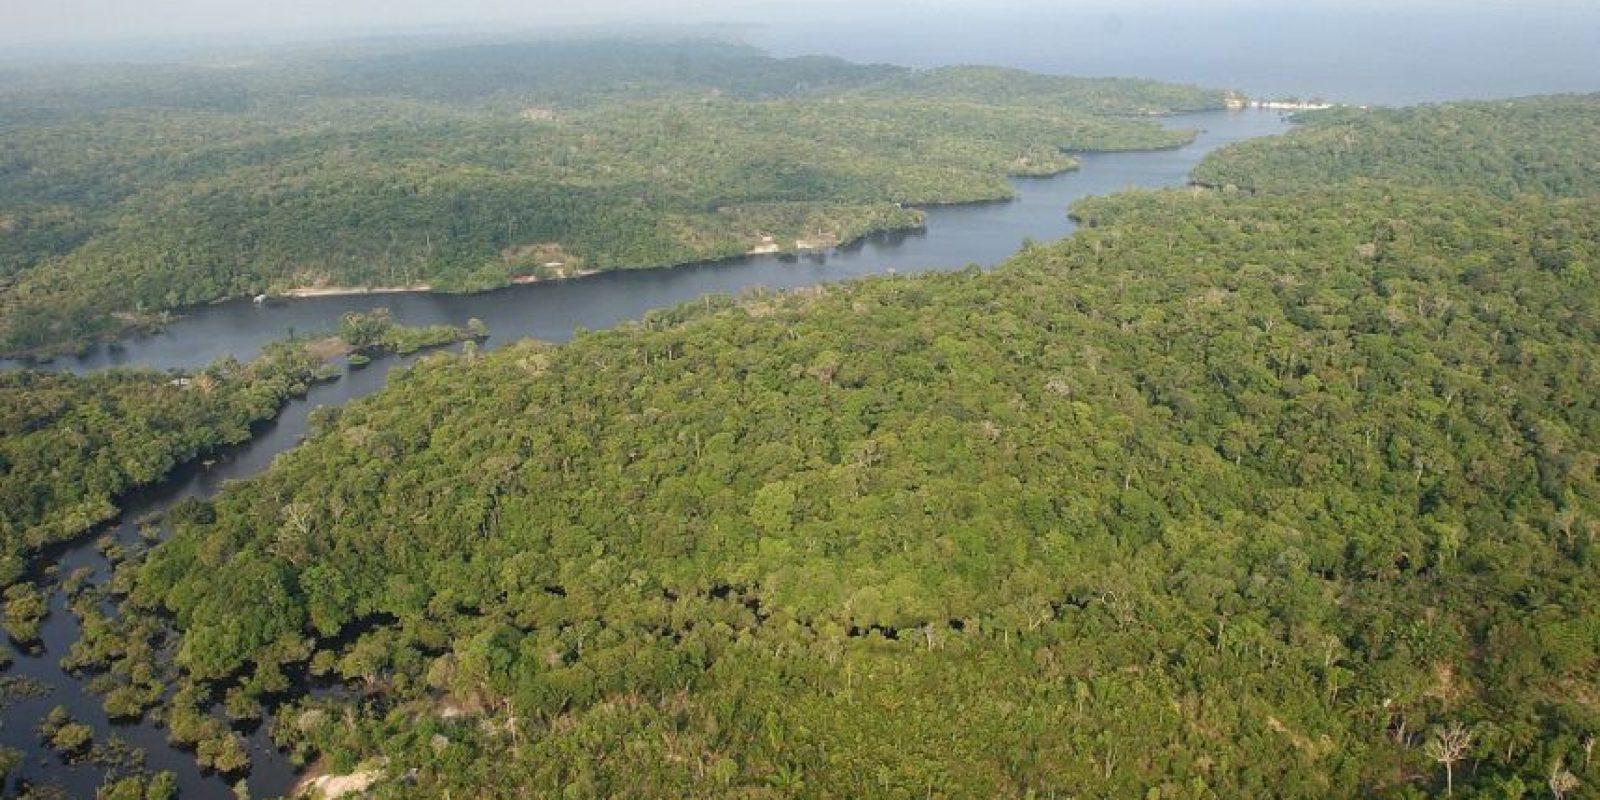 La amazonía juega un rol fundamental en la lucha contra el cambio climático. Foto:EFE